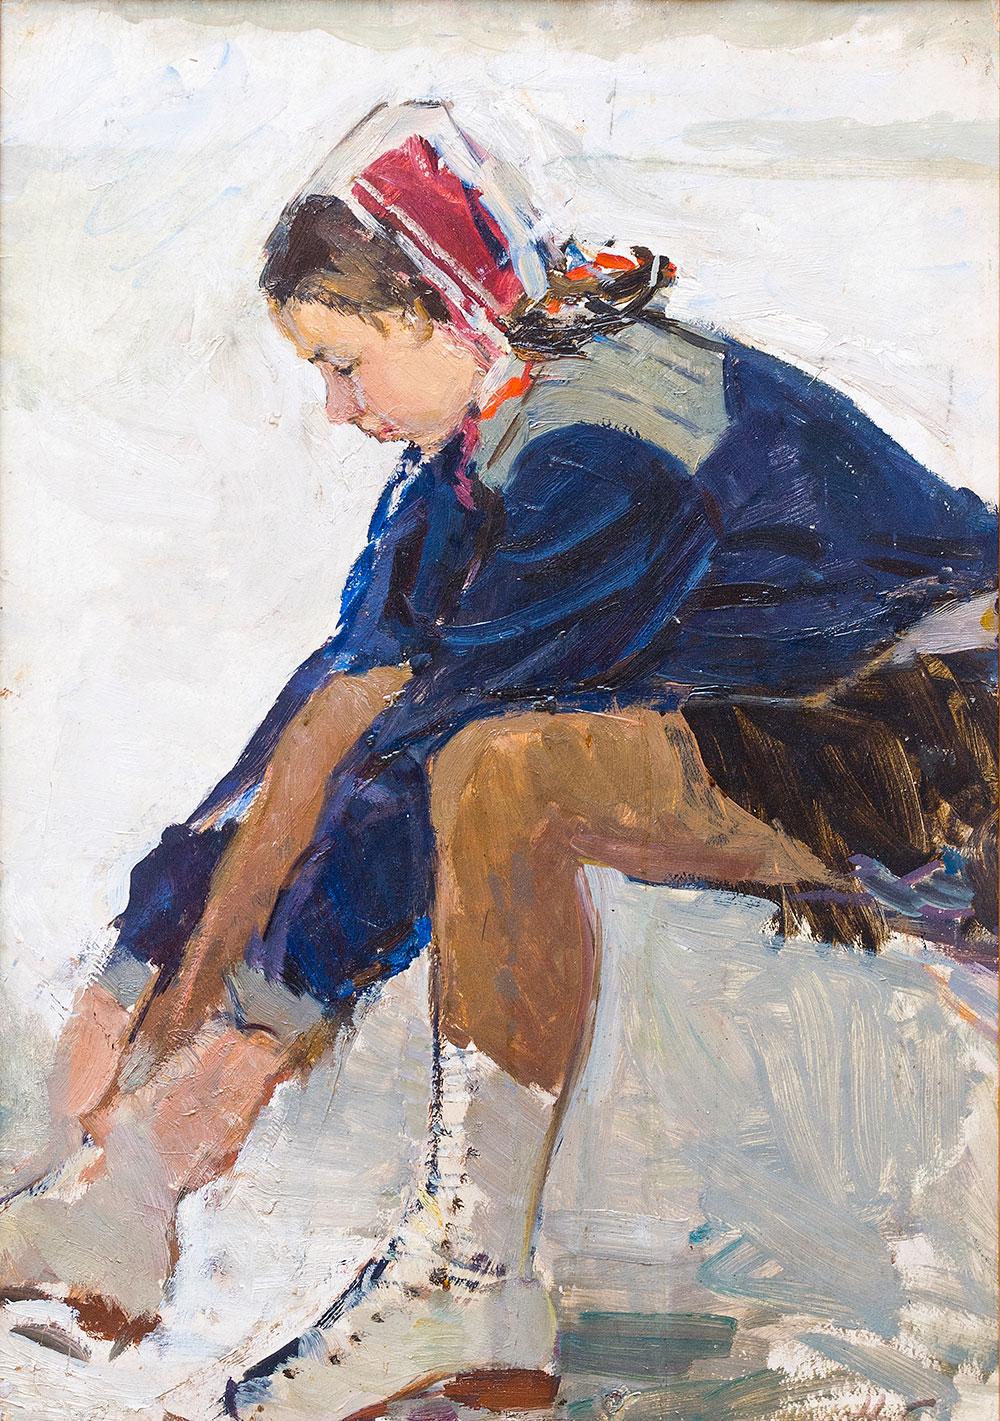 Марина Гранаткина - чемпионка СССР по парному фигурного катанию.